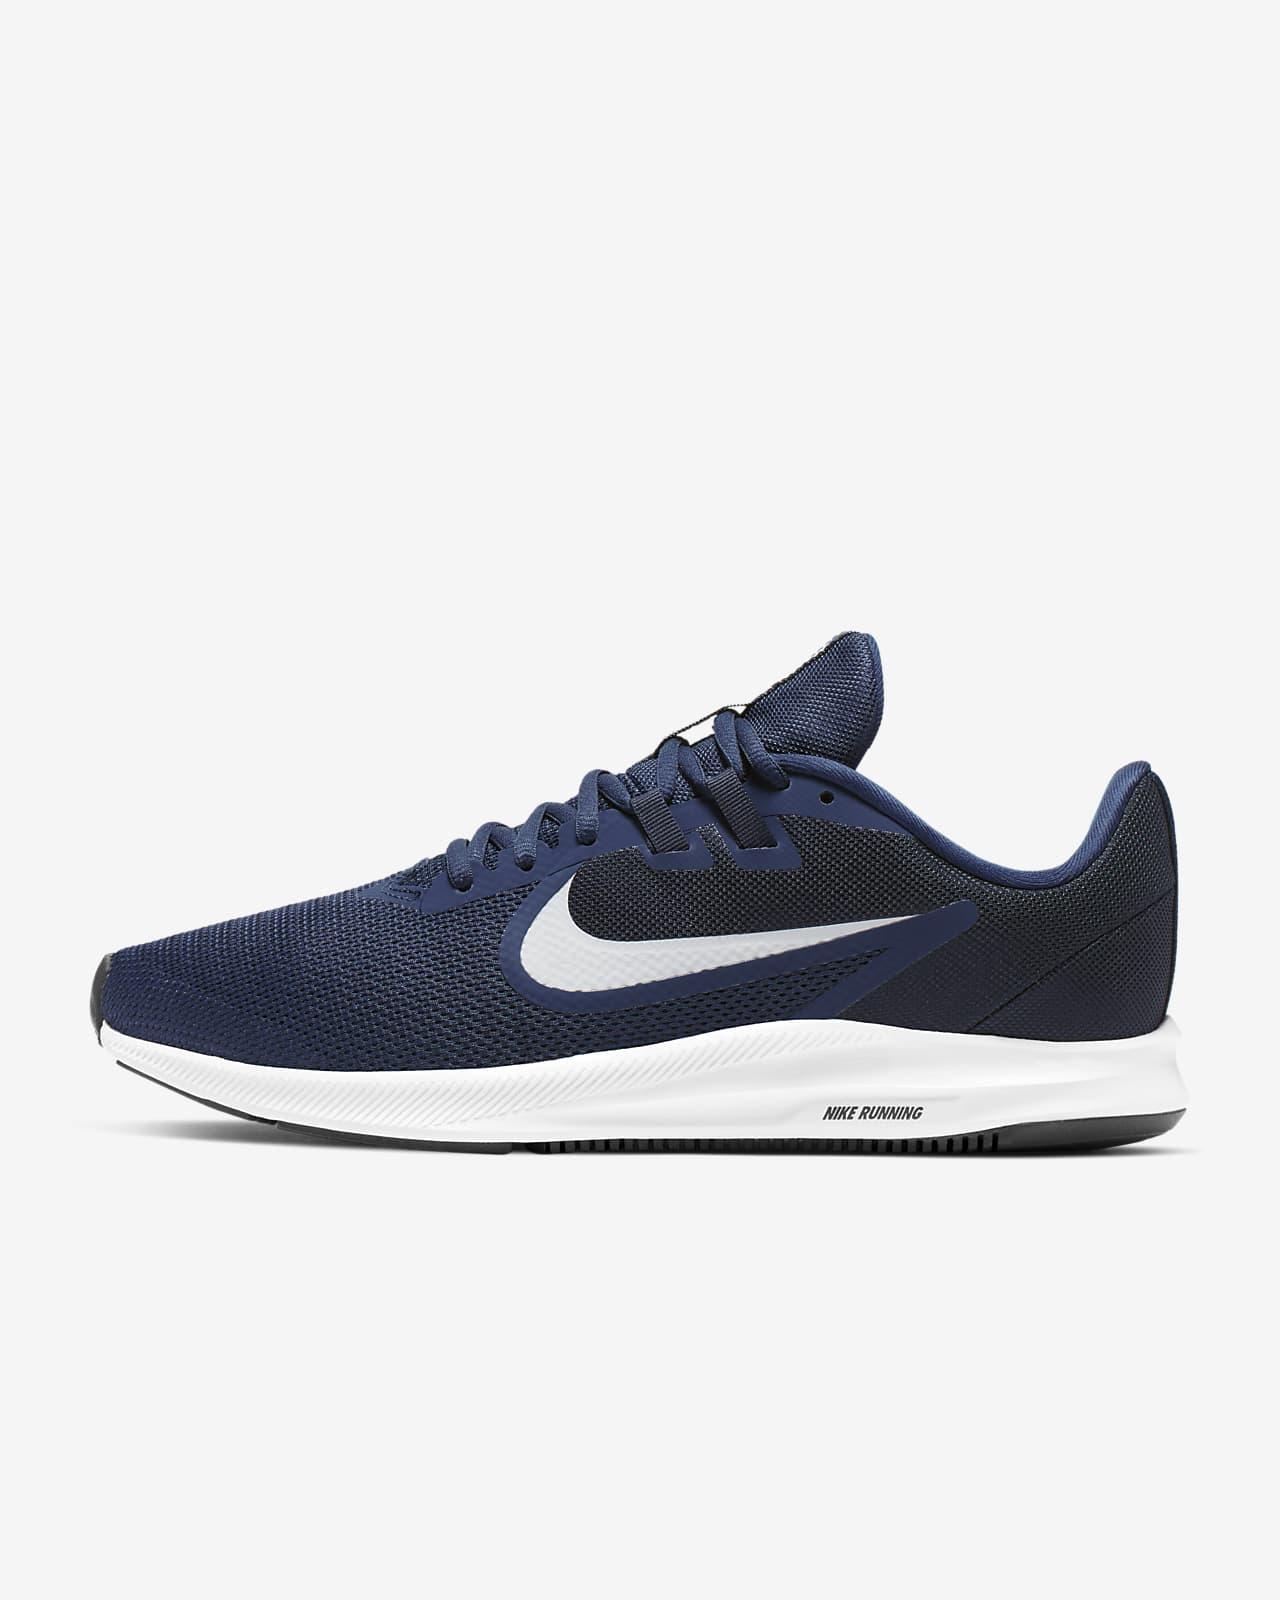 Nike Downshifter 9 Hardloopschoen voor heren